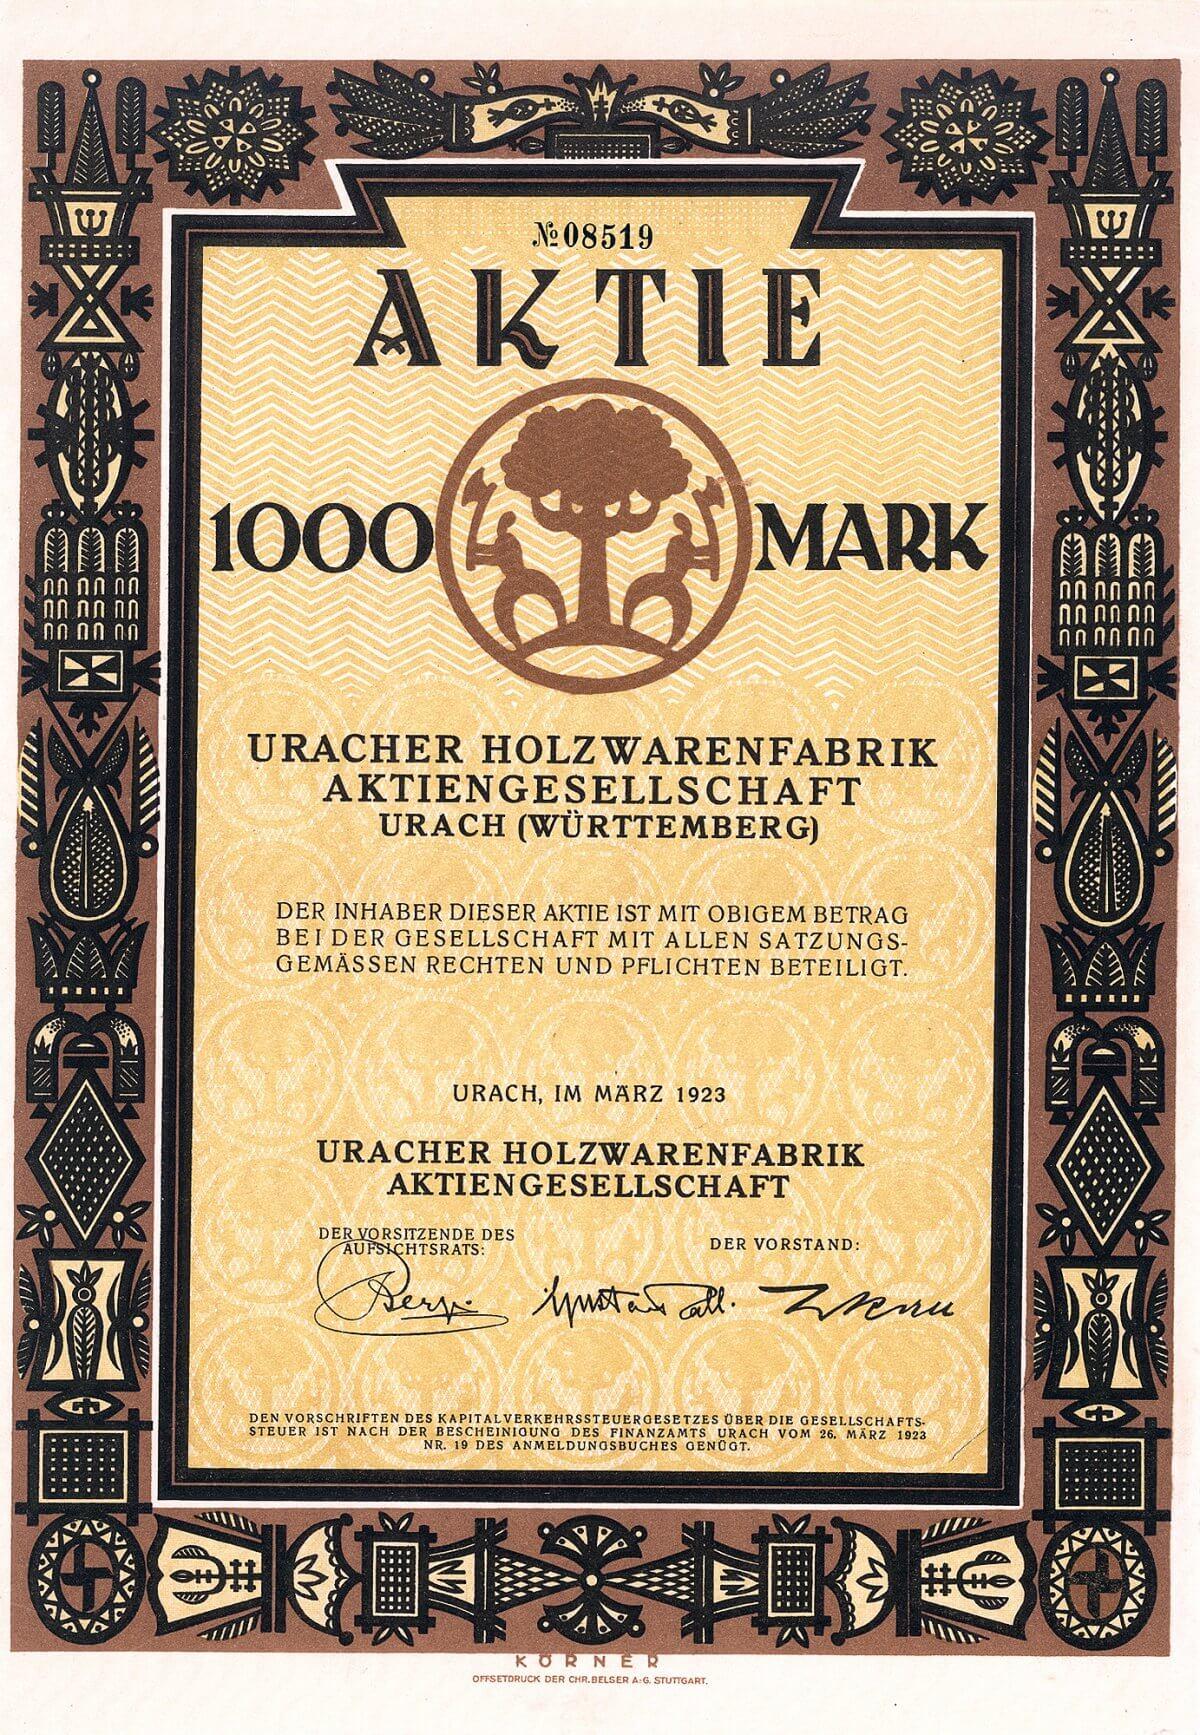 Uracher Holzwarenfabrik AG, Urach, Aktie über 1000 Mark von 1923. Äußerst ansprechende Gestaltung mit kunsthandwerklichen Schnitzereien in der Umrandung.